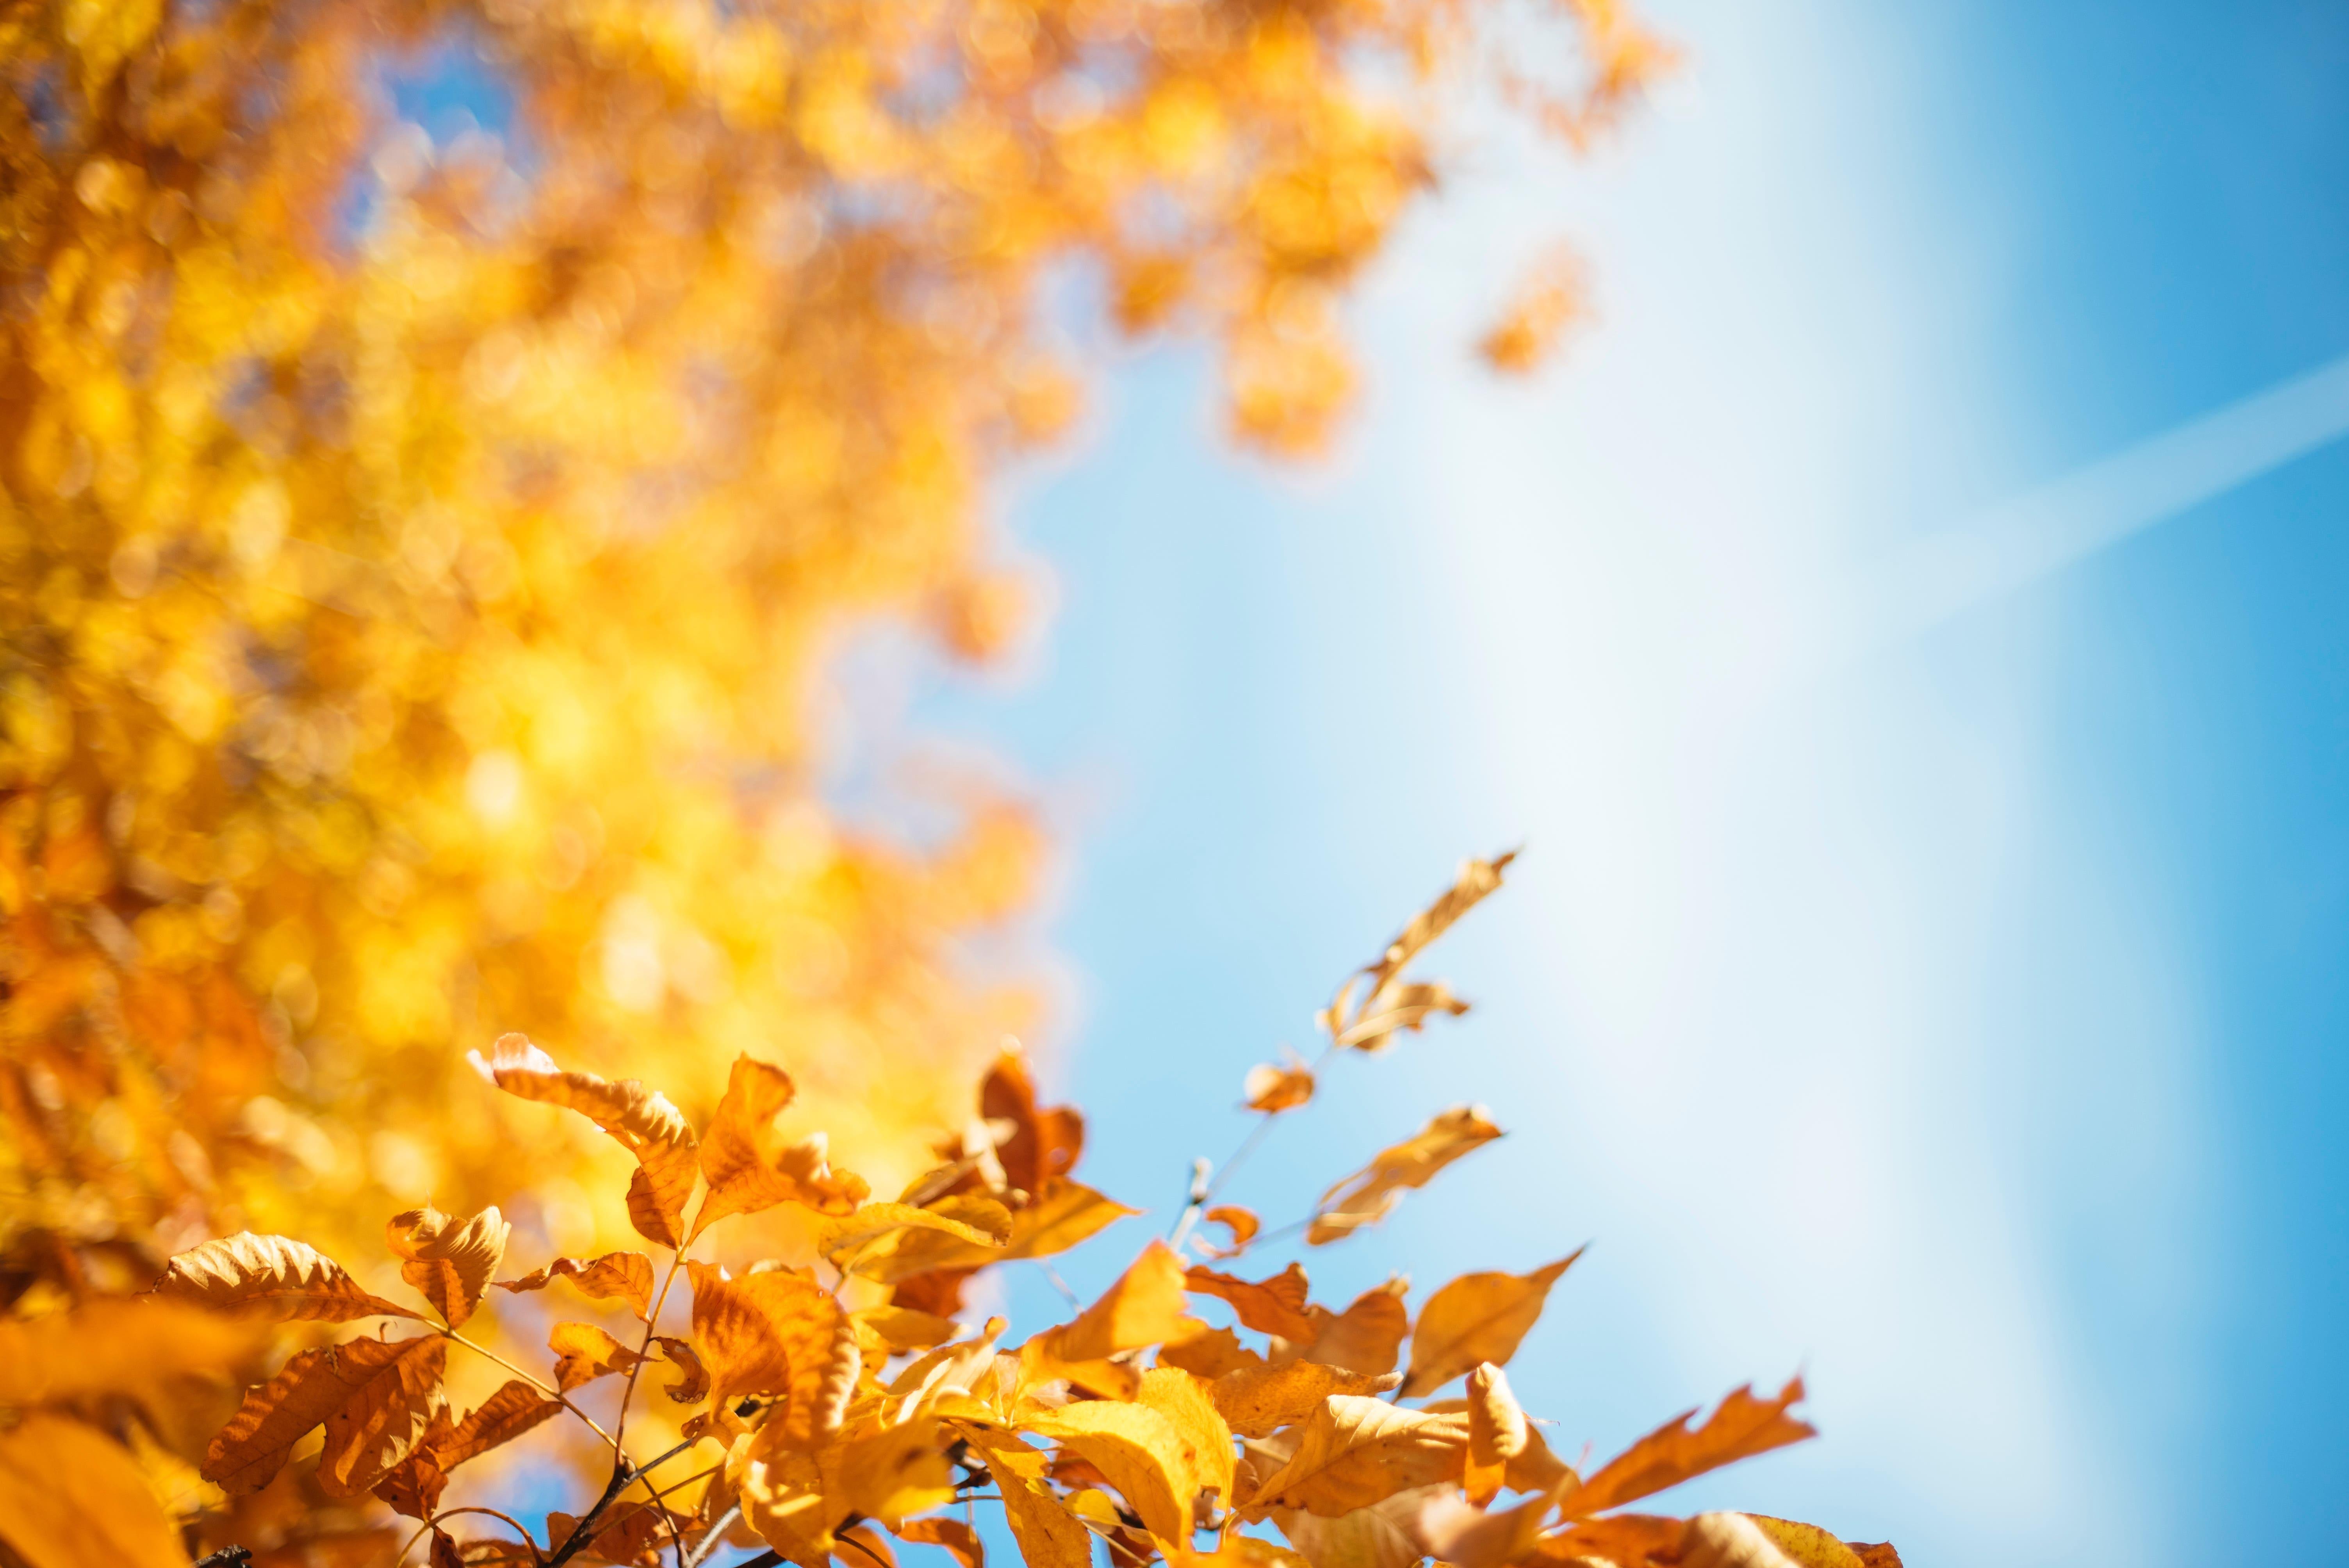 Az őszi üdülés nyugdíjasoknak Hajdúszoboszlón nem egyenlő a gyógyfürdőzéssel. Ennél sokkal több jár Neked!